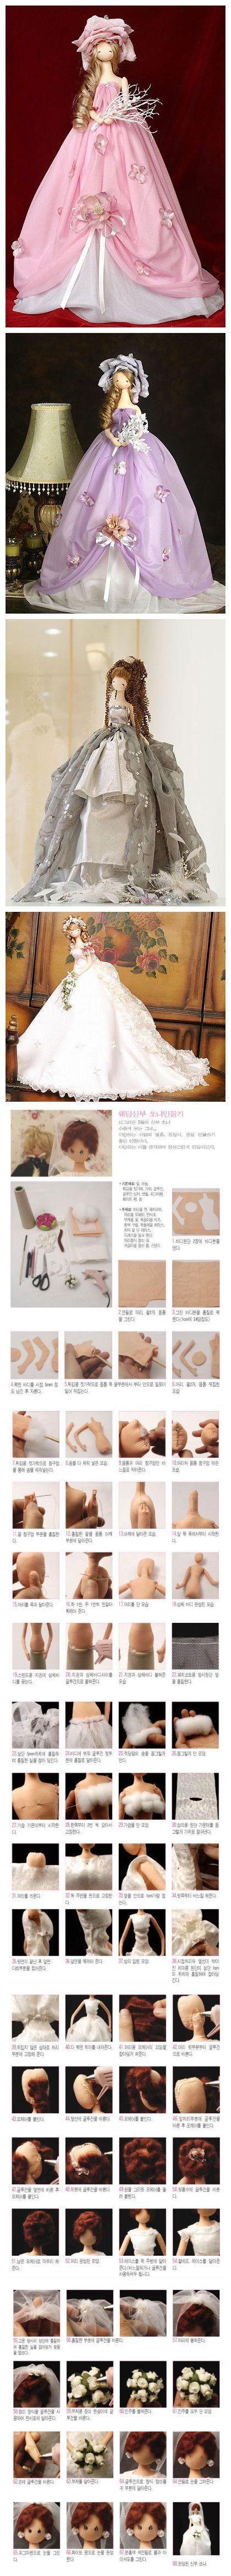 Hermosa muñeca encantadora Corea (con el diagrama del proceso de producción)